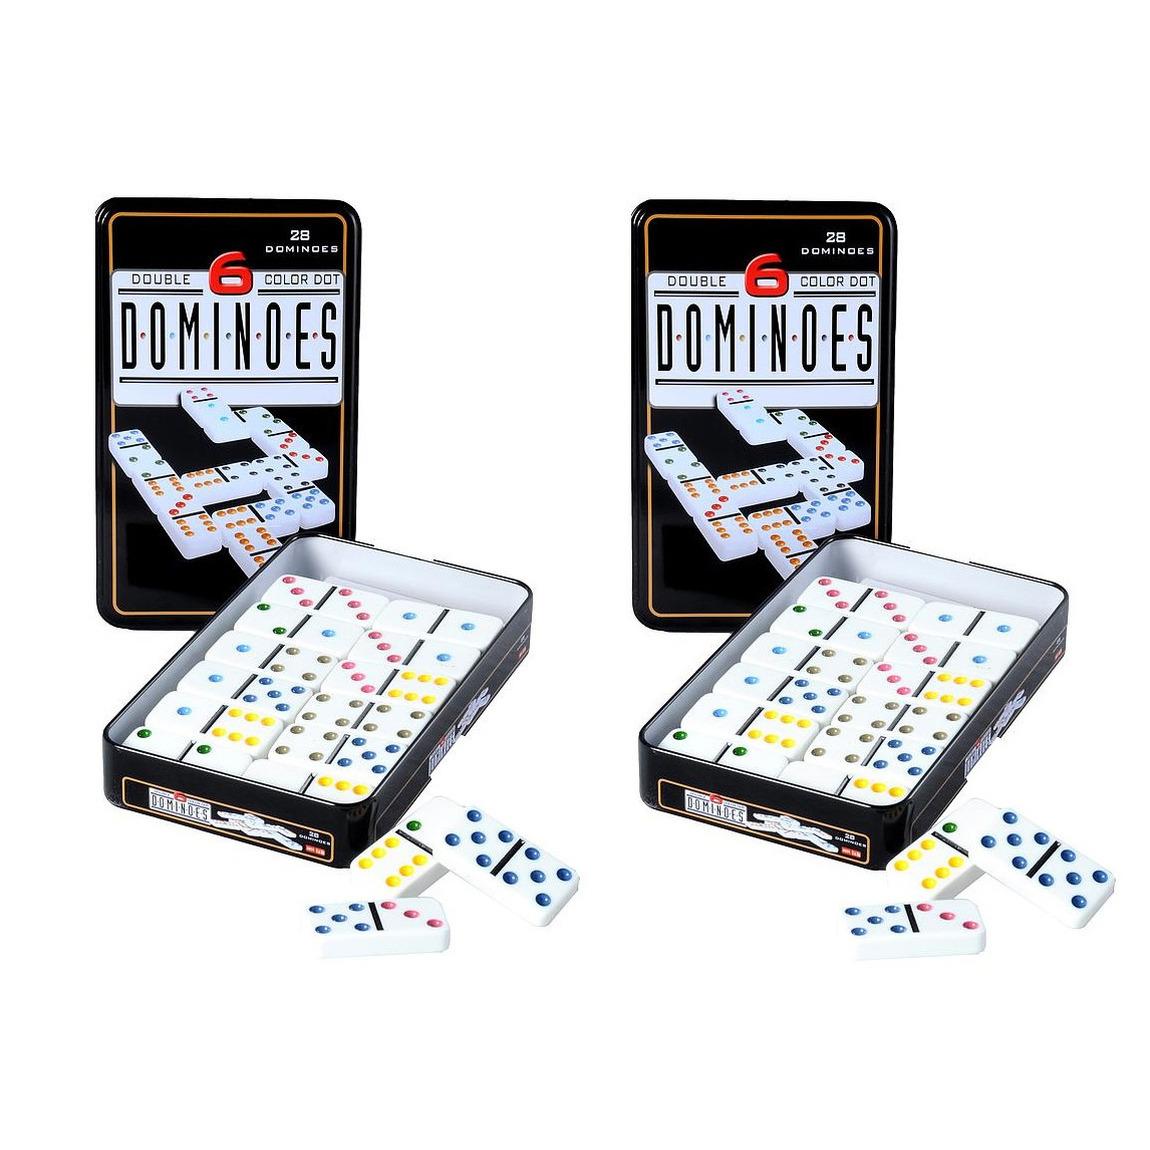 Domino spel dubbel double 6 in blik en 84x gekleurde stenen